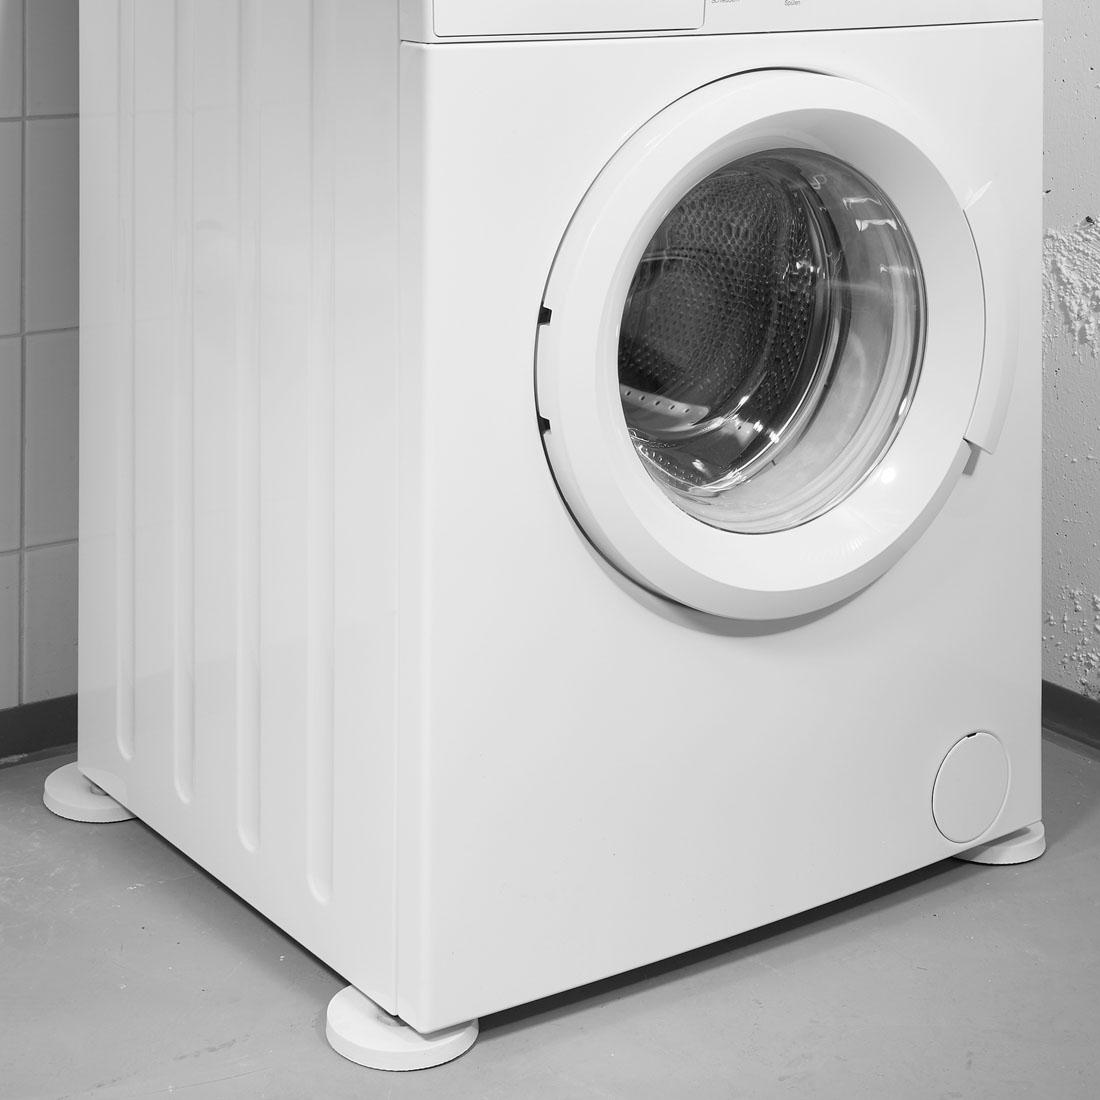 Поглотители шума и вибрации для стиральной машины, 4 штуки [07866],